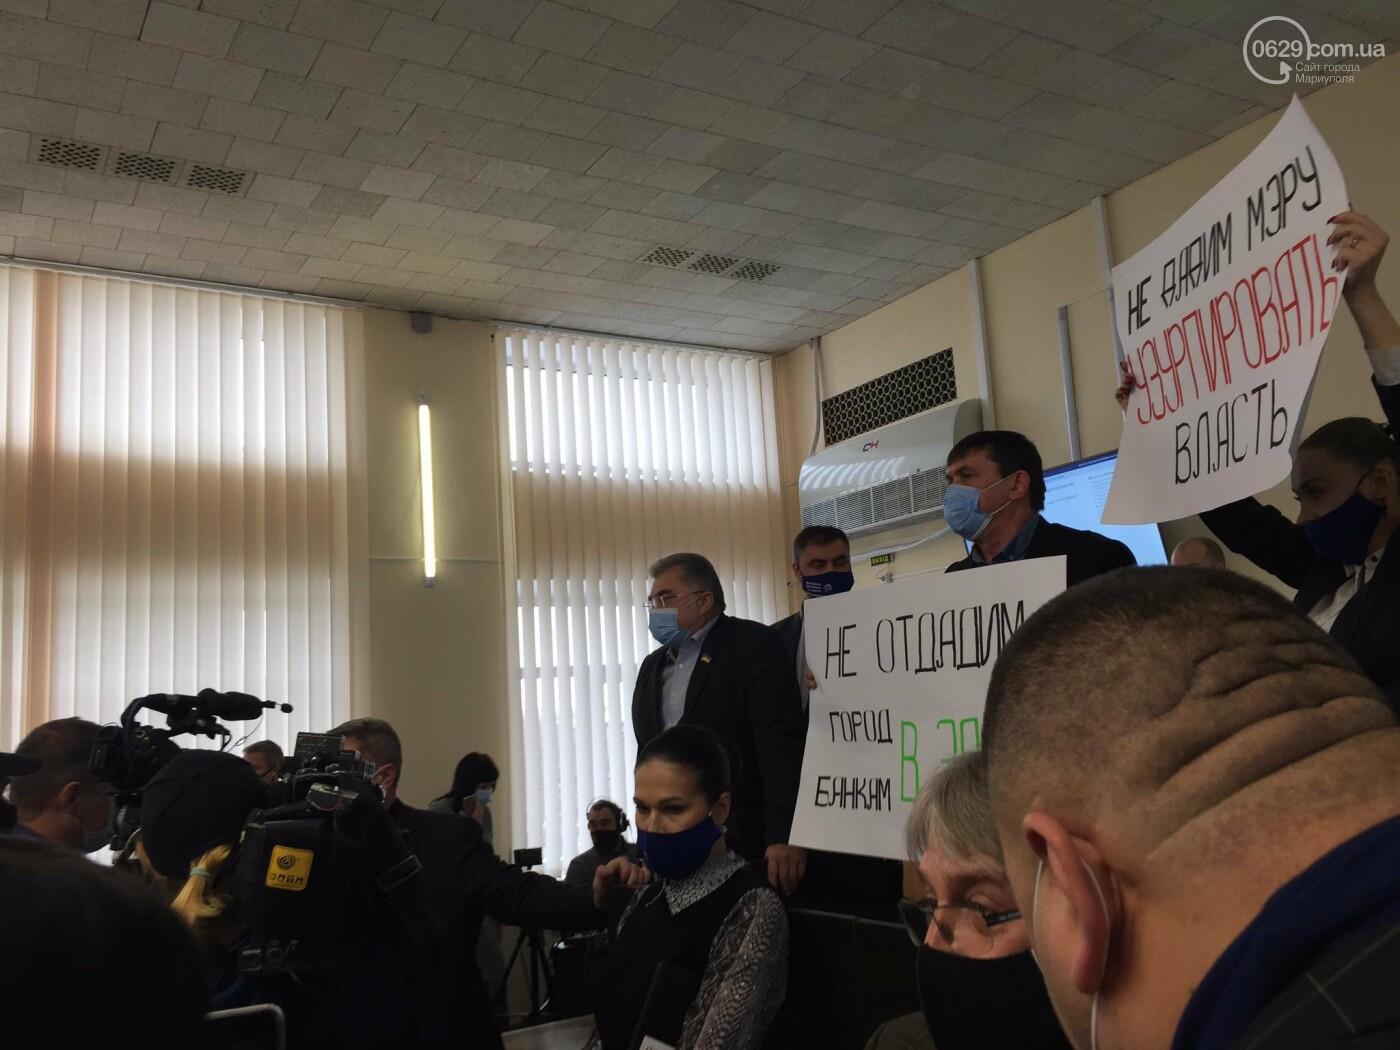 Драка в сессионном зале Мариуполя. Бойченко призвал правоохранителей и объявил перерыв, - СТРИМ, ФОТО, фото-5